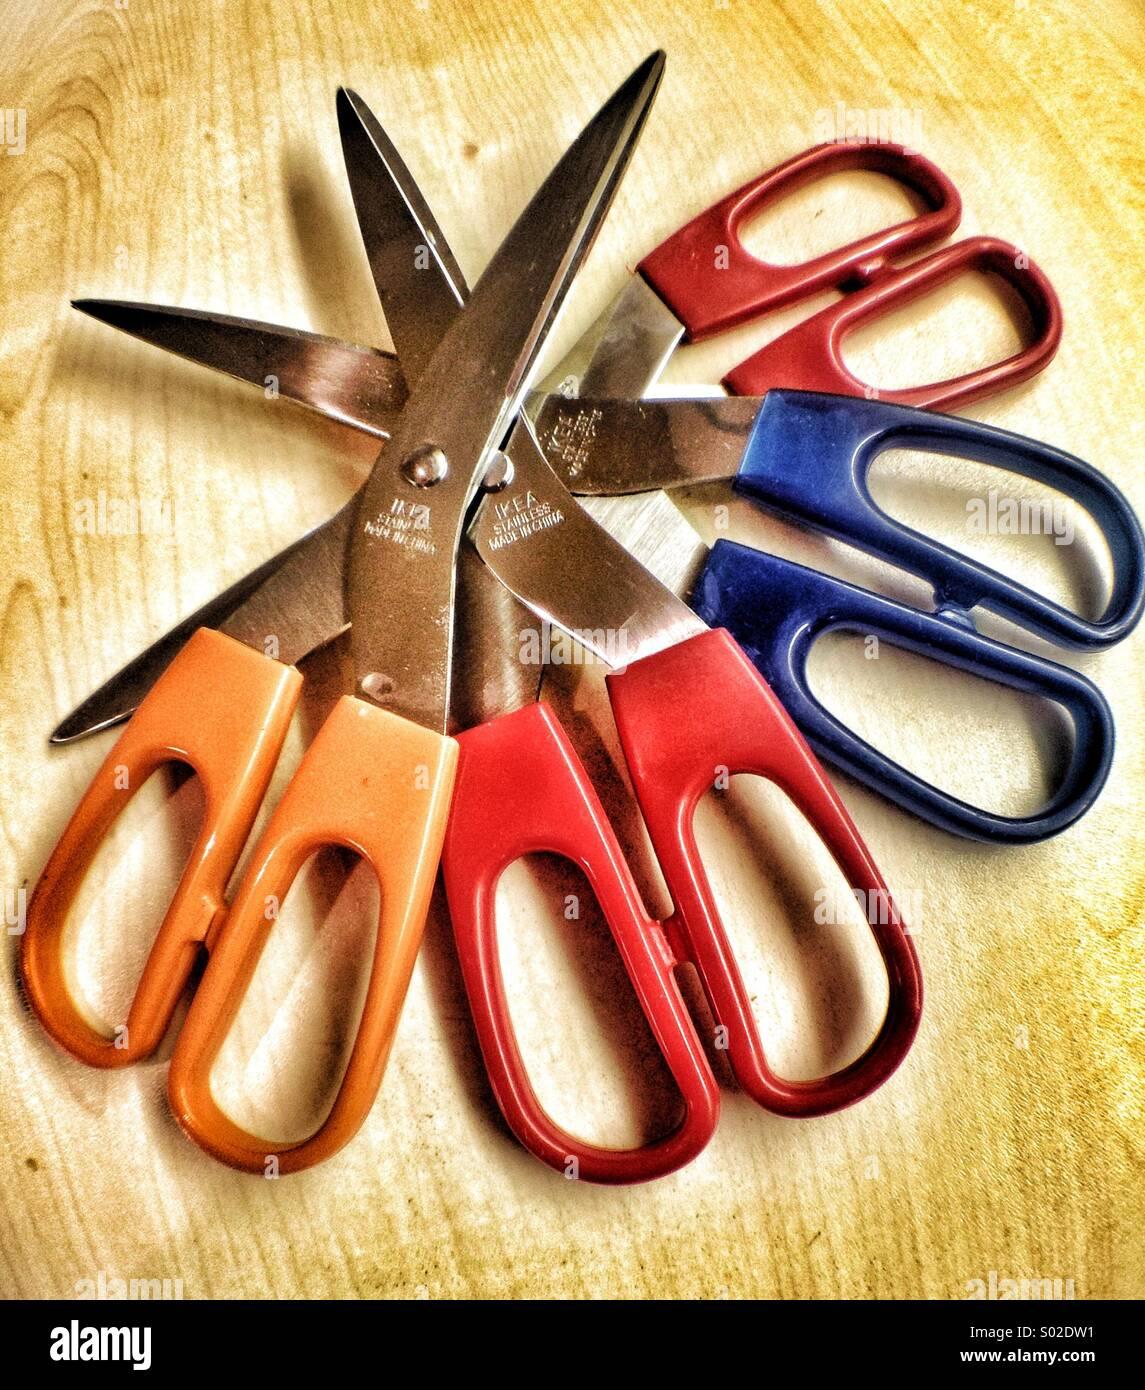 Scissors - Stock Image